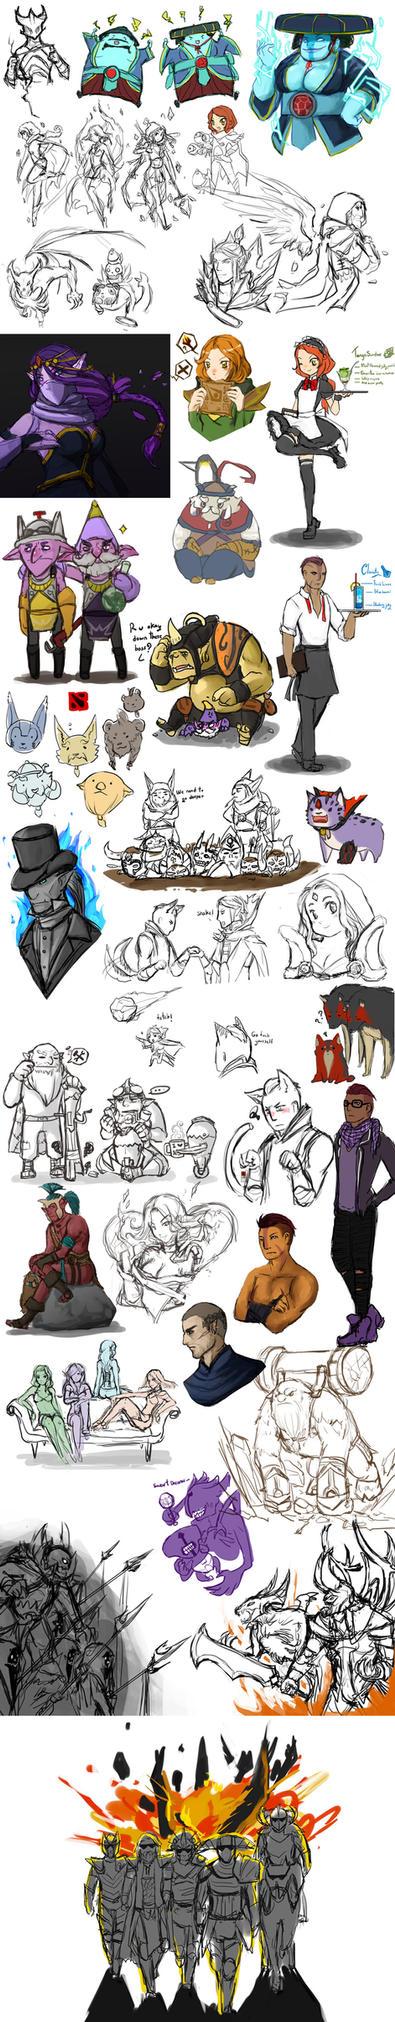 Dota 2 Skeleton King Comic